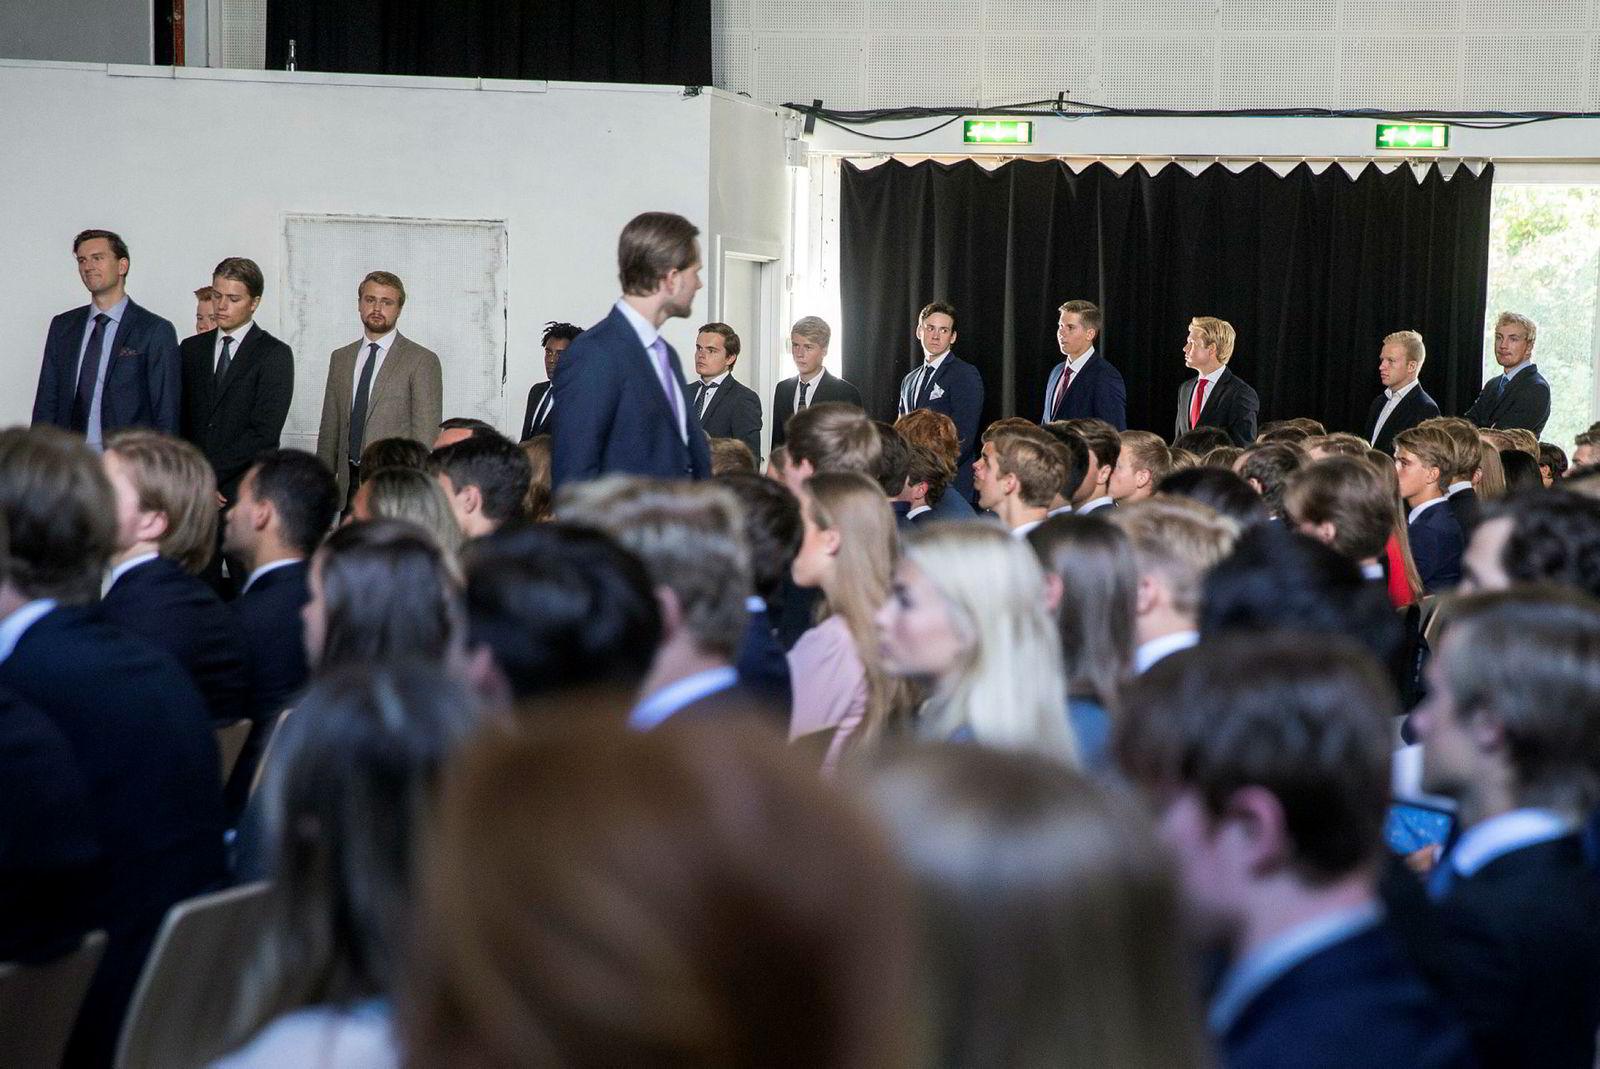 NHH-studenter venter spent på å håndhilse på rektor og prorektor, under den høytidelige immatrikuleringen. – The future's so bright, I gotta wear shades, sa rektoren spøkefullt under seremonien.